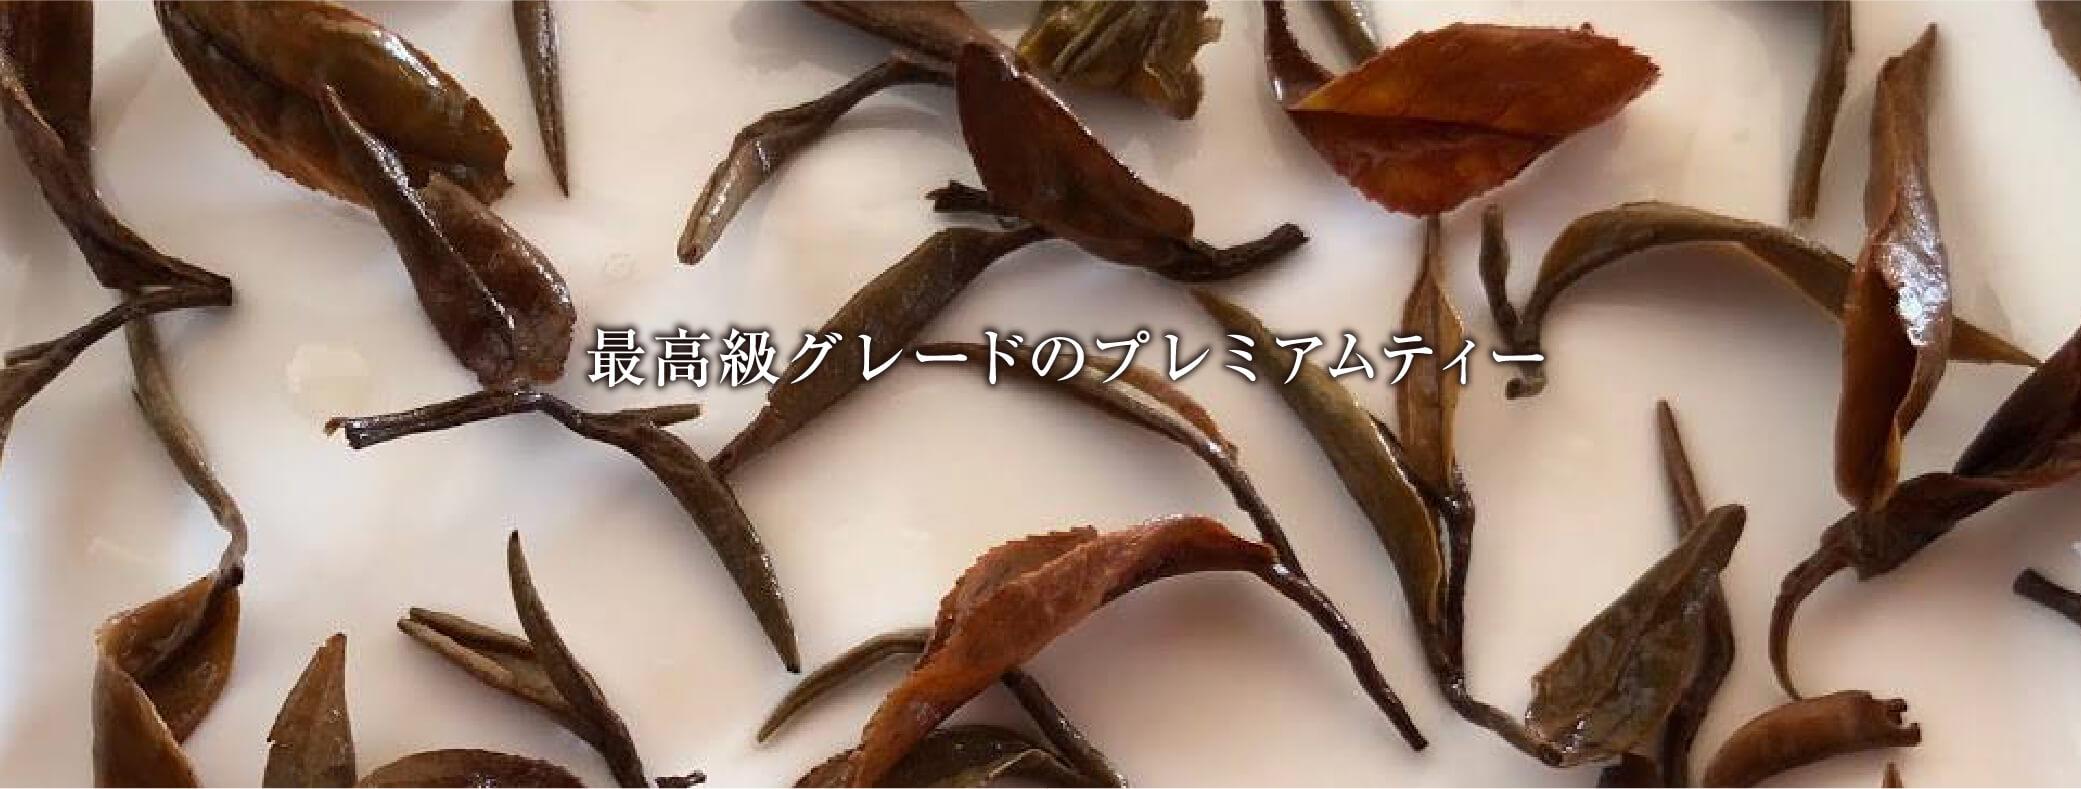 最高級グレードのプレミアムティー フルリーフのダージリン茶葉